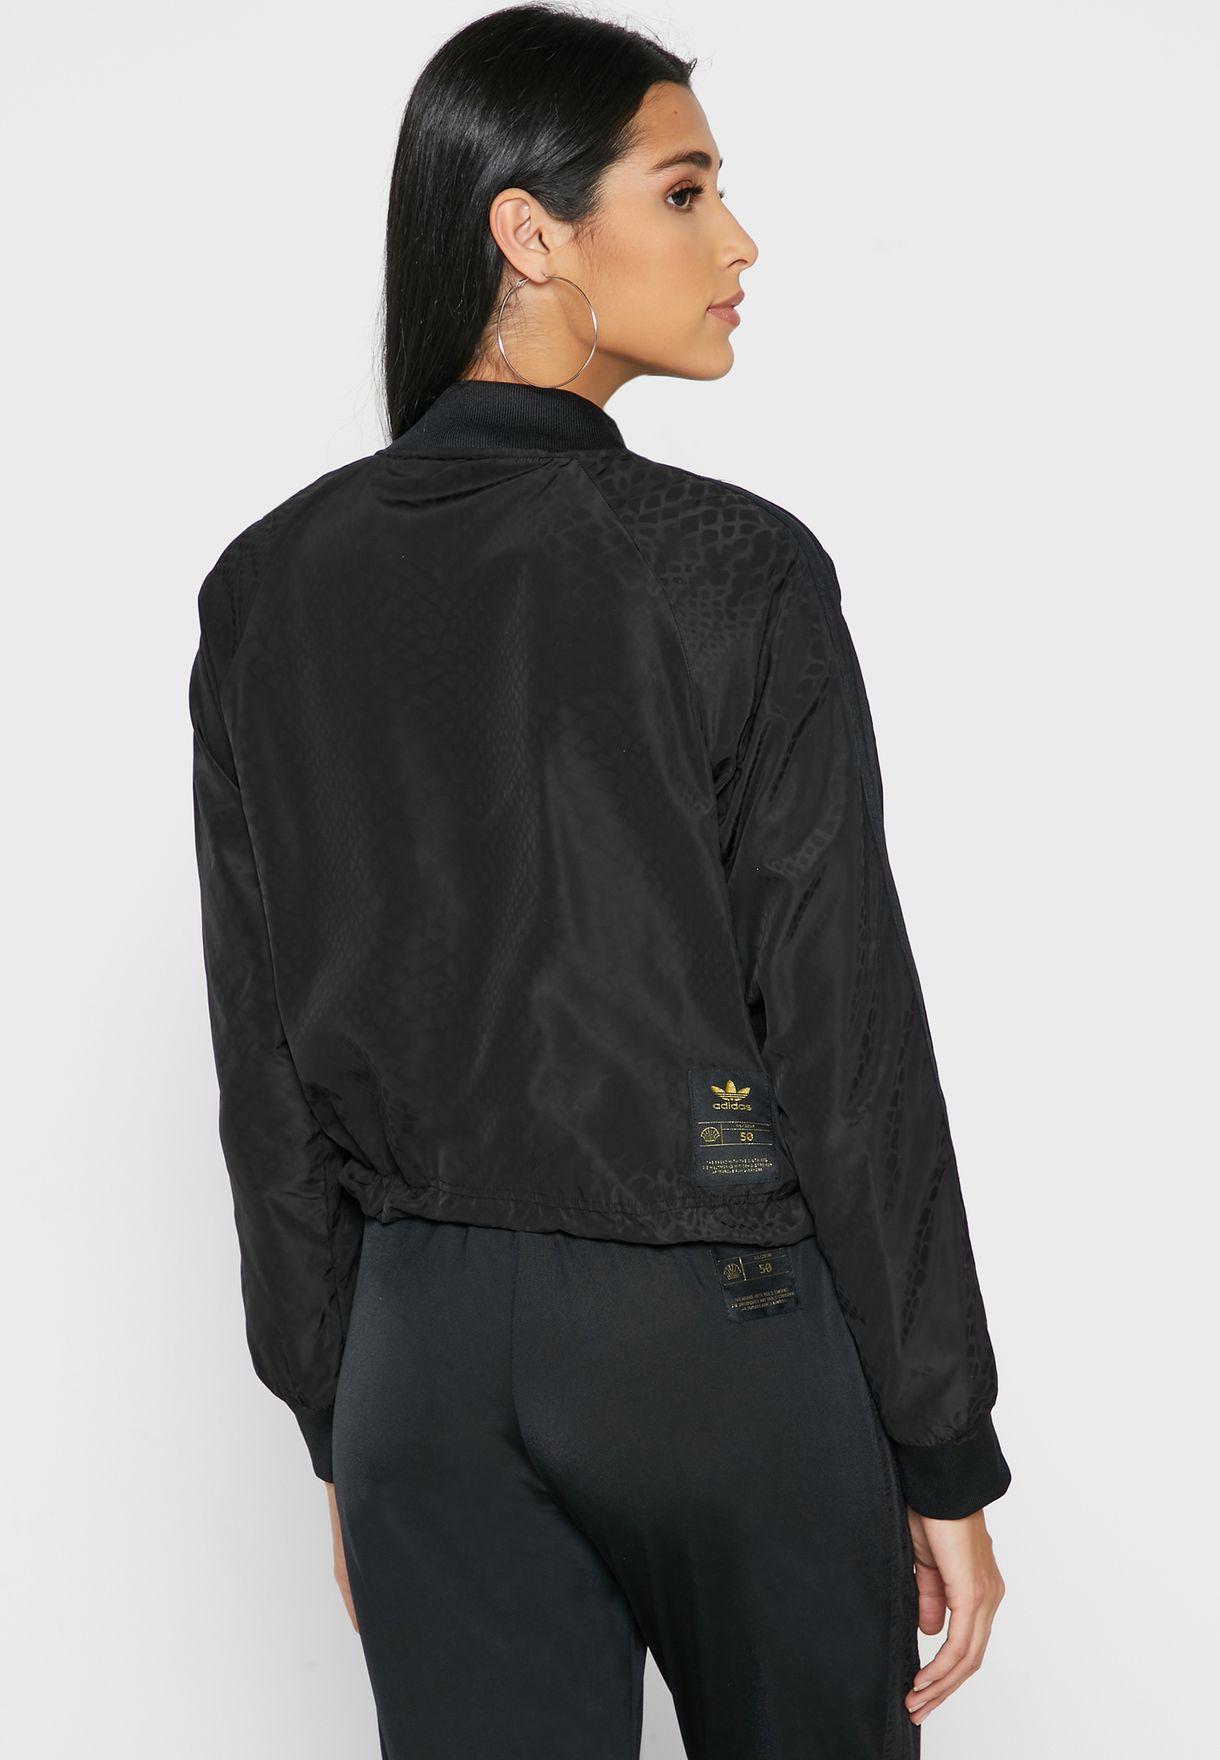 Superstar 2.0 Track Jacket